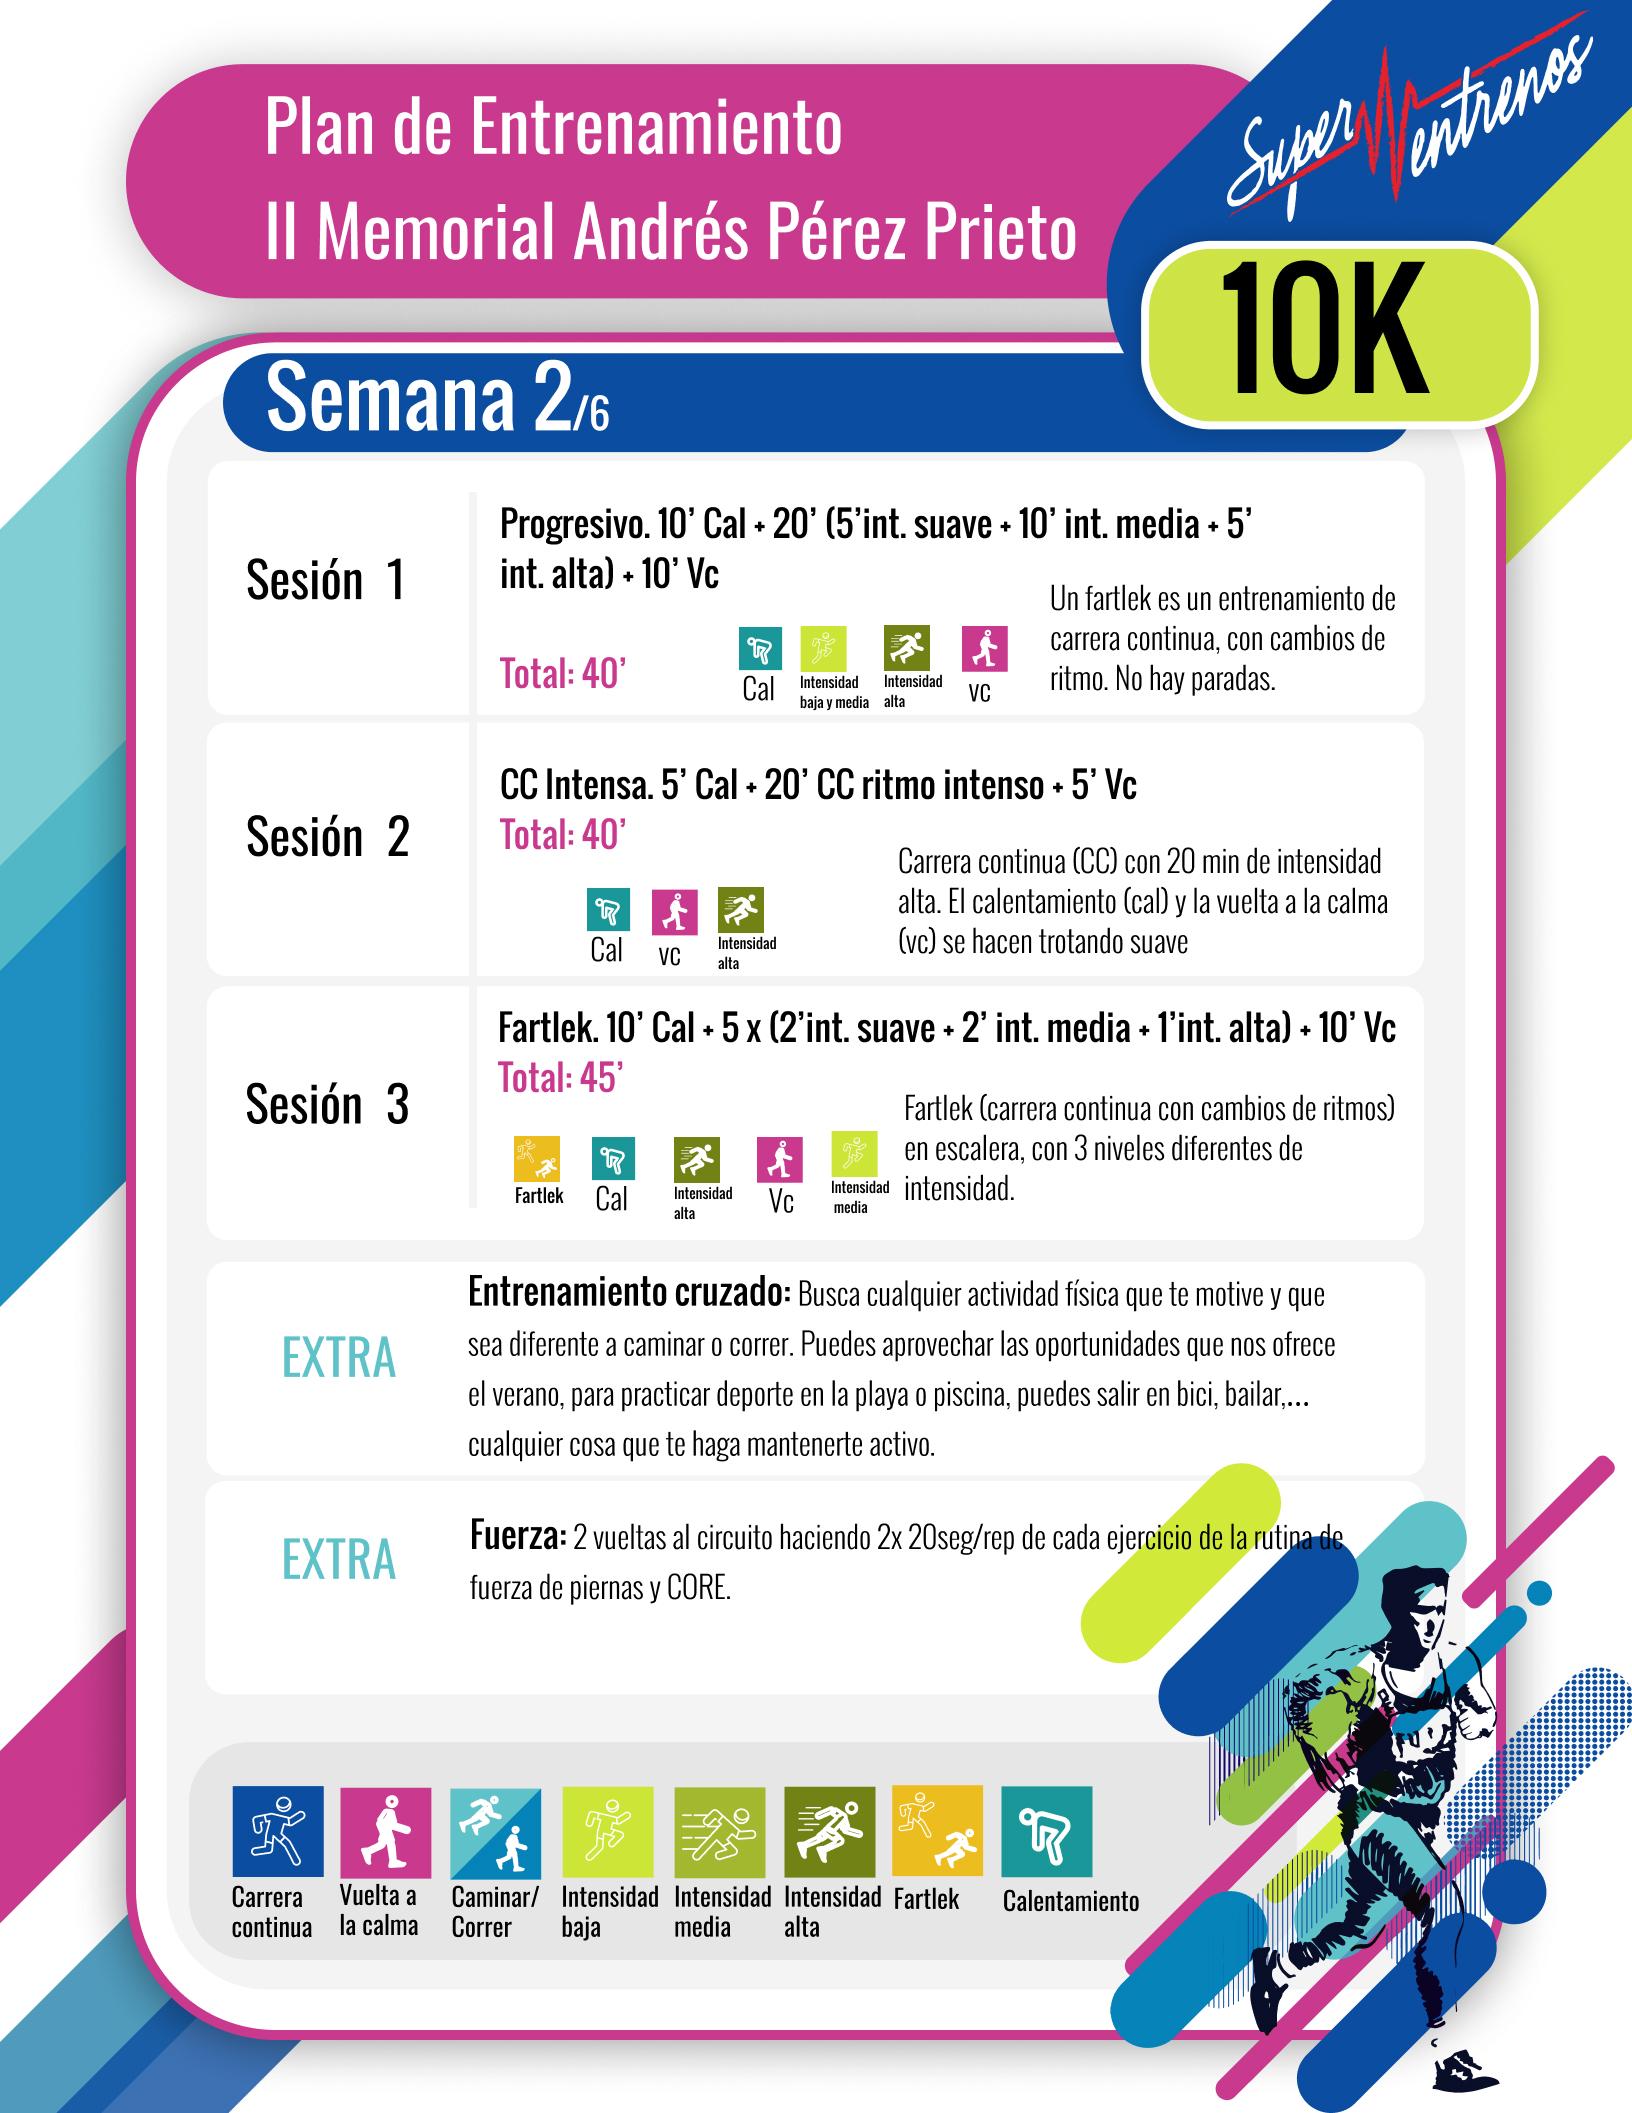 Tablas Entreno 2020 Semana 2 10k 1